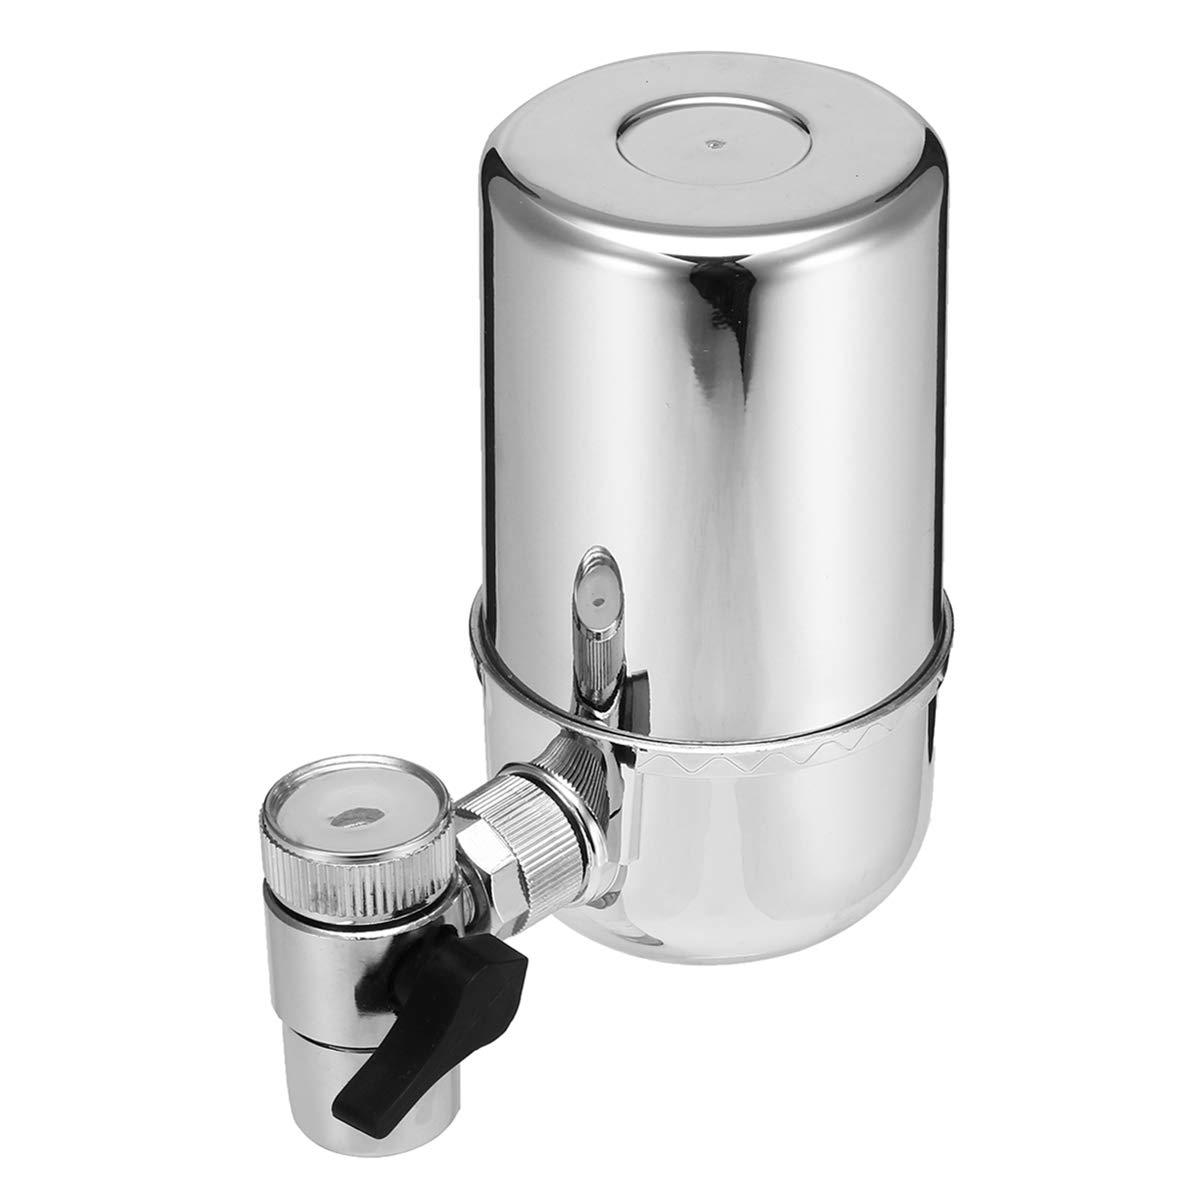 Taihang Filtro de Agua del Sistema alcalino alcalino alcalino del ABS del hogar del purificador Activado Limpio del Carbono para el Grifo del golpecito 34dfc8